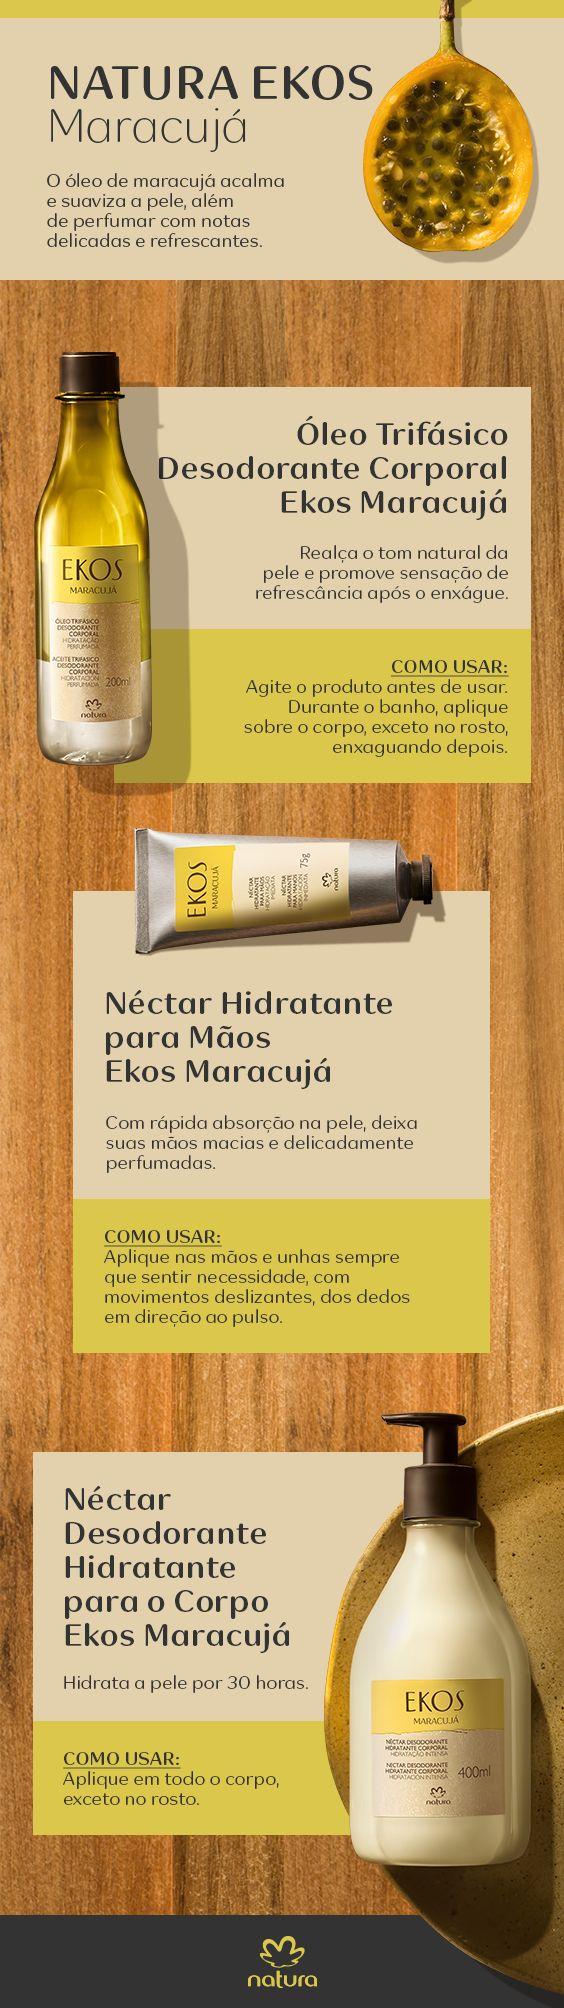 O óleo de maracujá acalma e suaviza a pele, além de perfumar com notas delicadas e refrescantes.